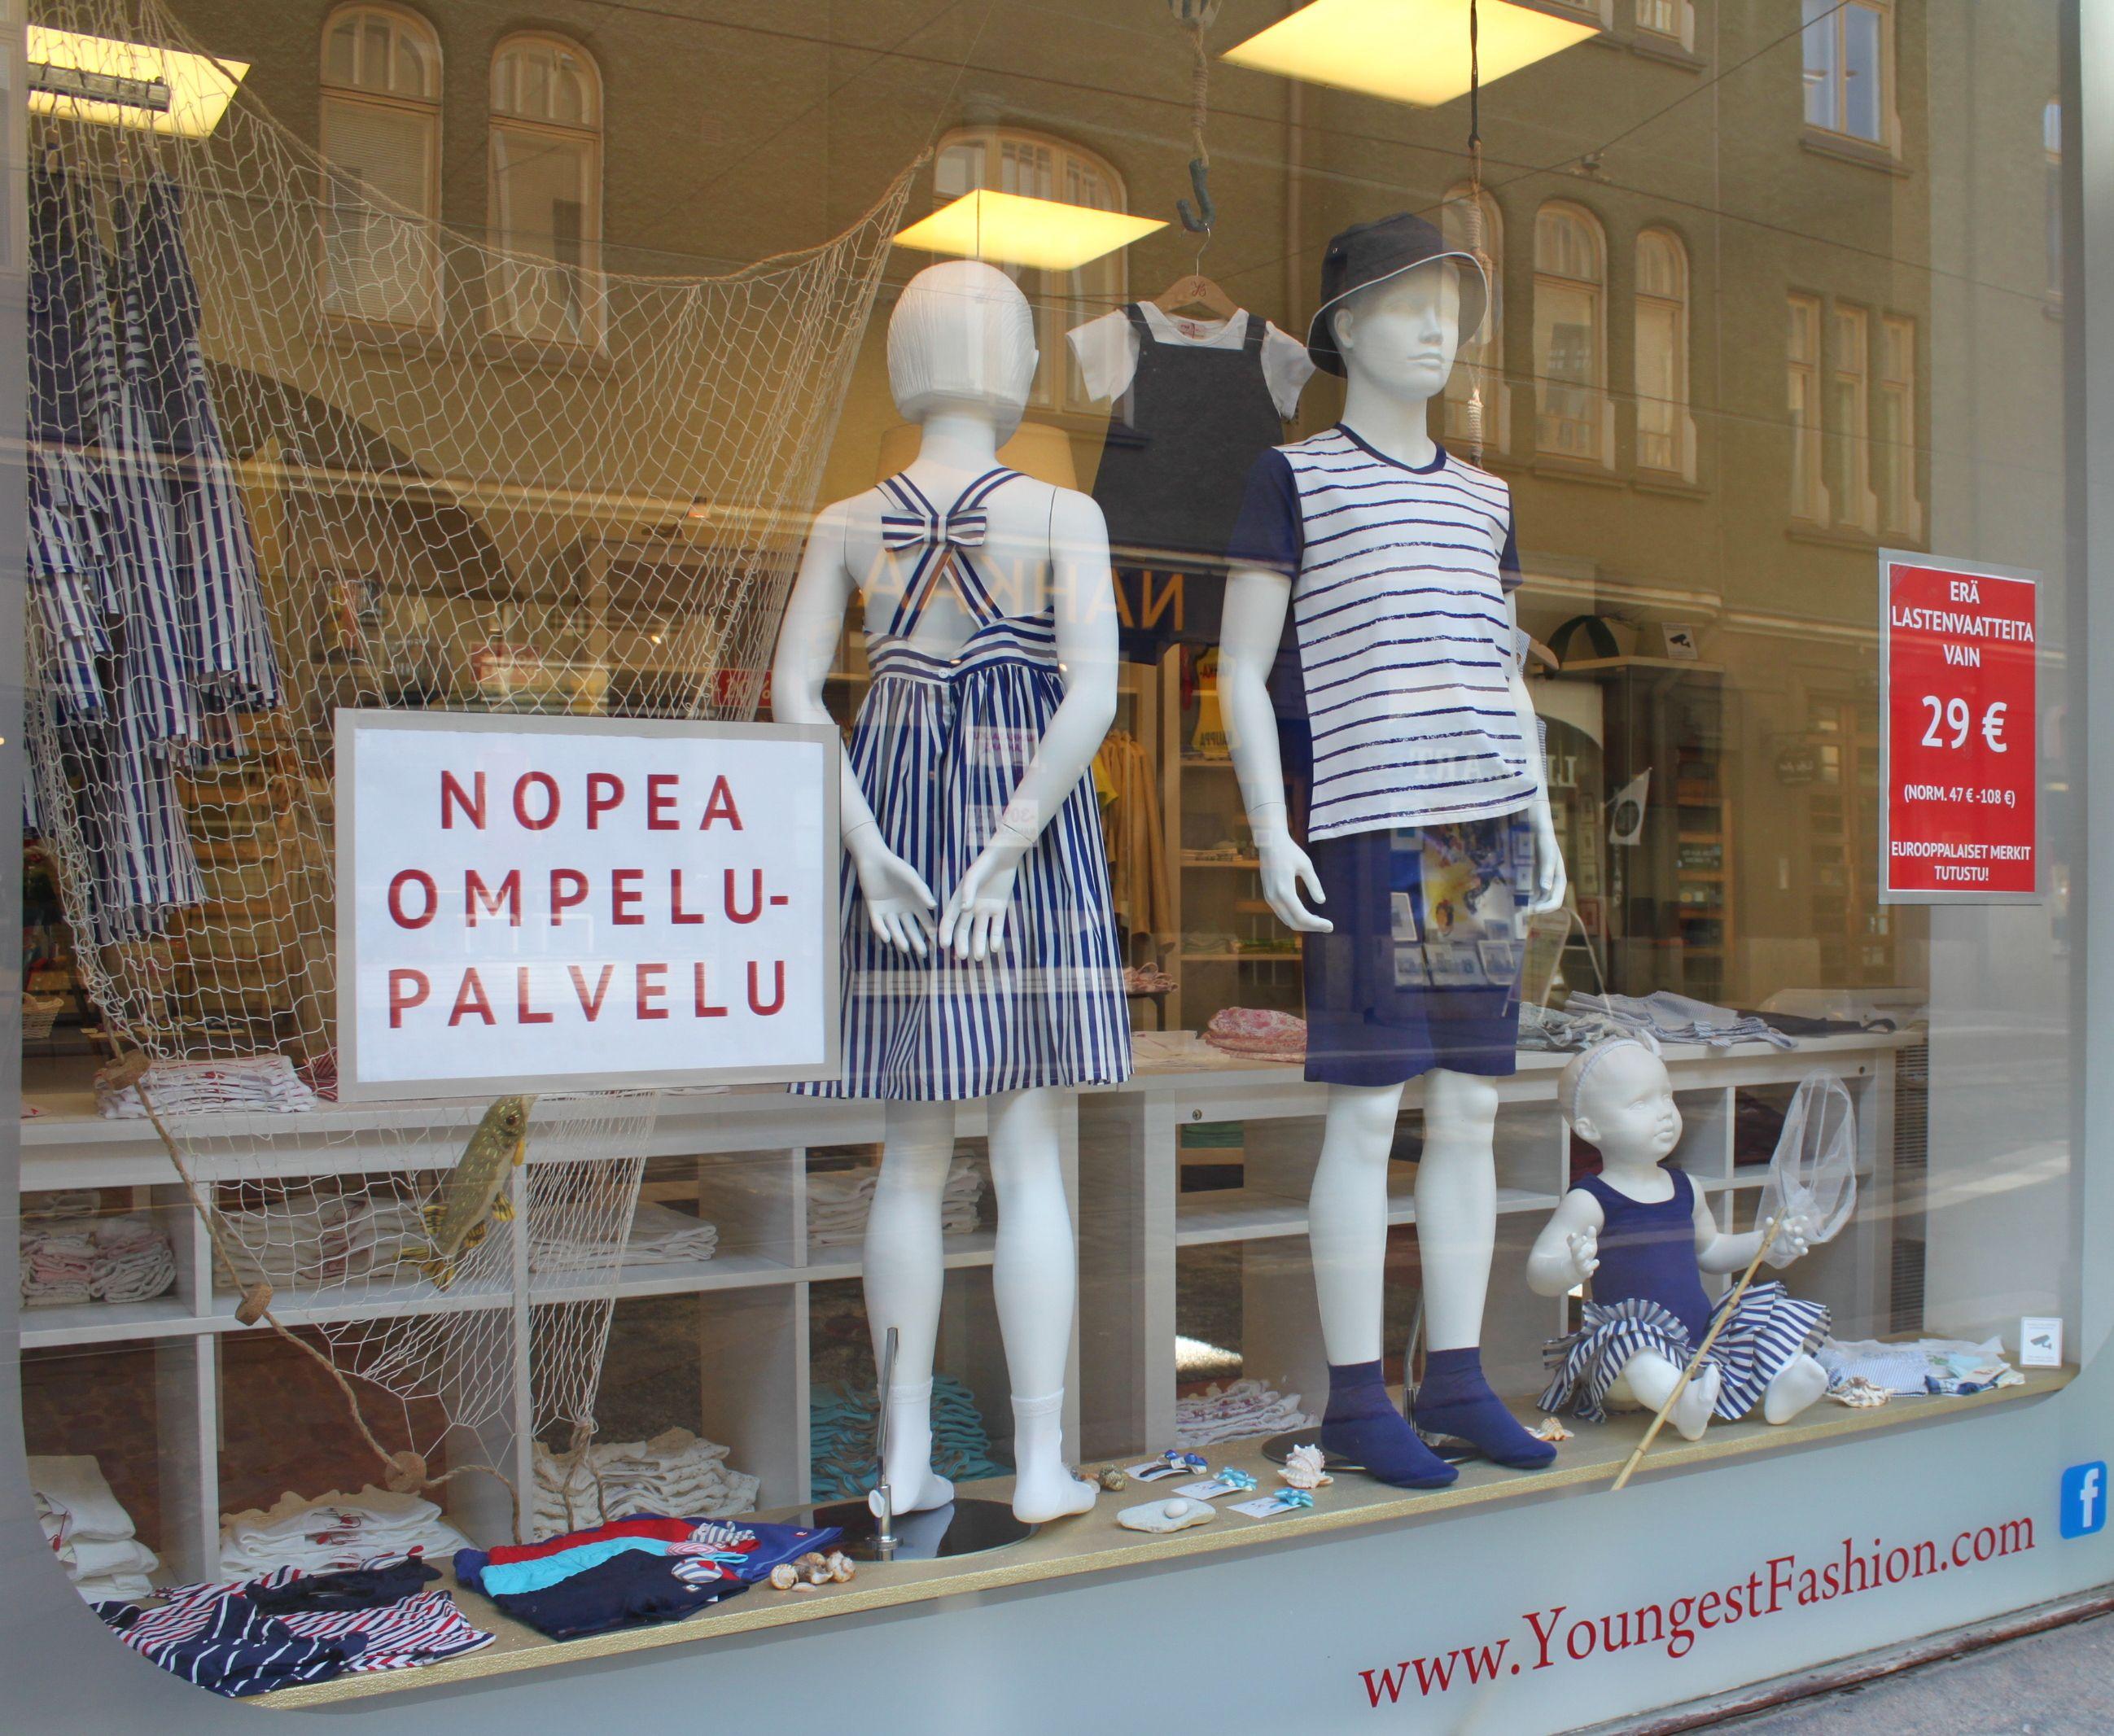 Olemme käynnistäneet alennusmyynnin. Laadukkaita lastenvaatteita jopa -30% Löytörekistä 29,- Myös verkkokaupassamme! http://www.youngestfashion.com/fi/prices-drop TERVETULOA!